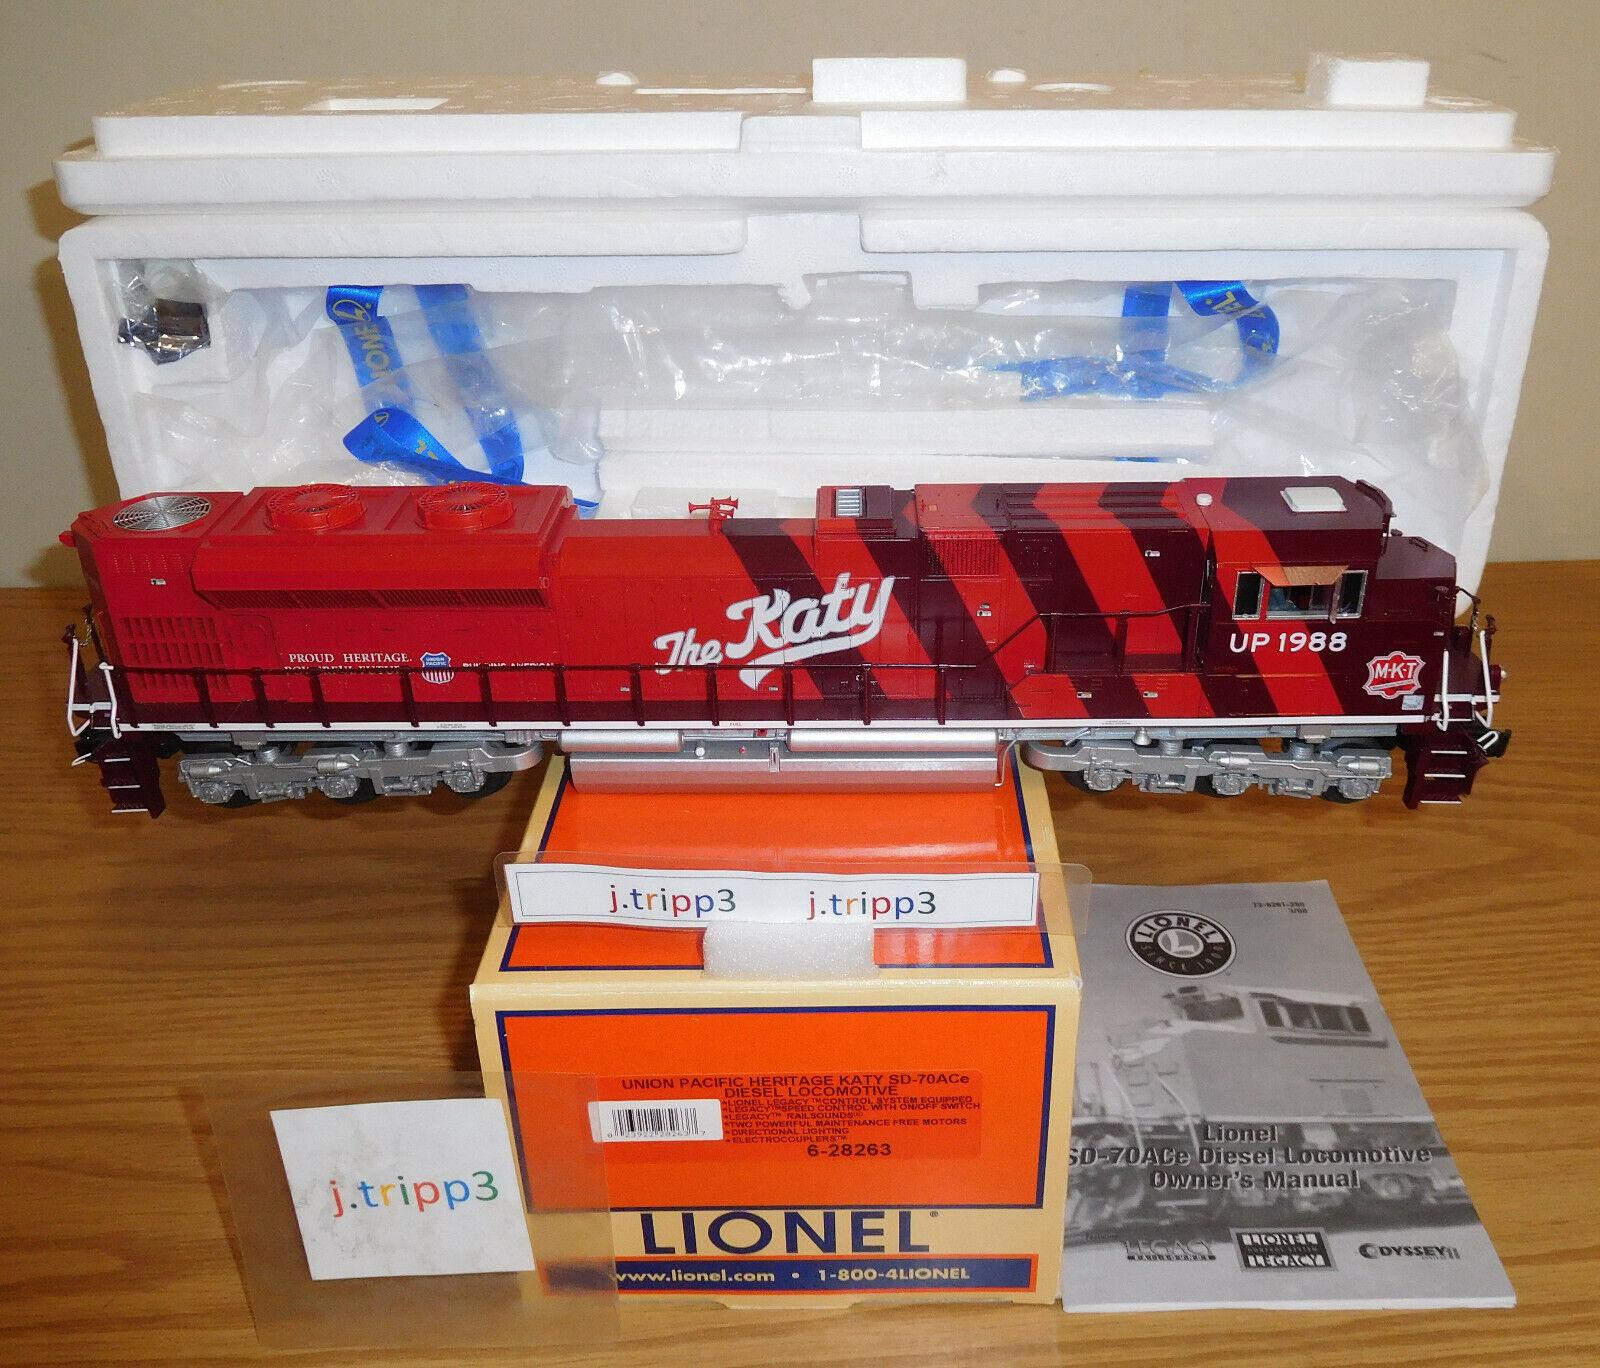 Lionel 28263 MKT Katy Up Heritage SD70AC Legacy o escala Locomotora Diesel Motor